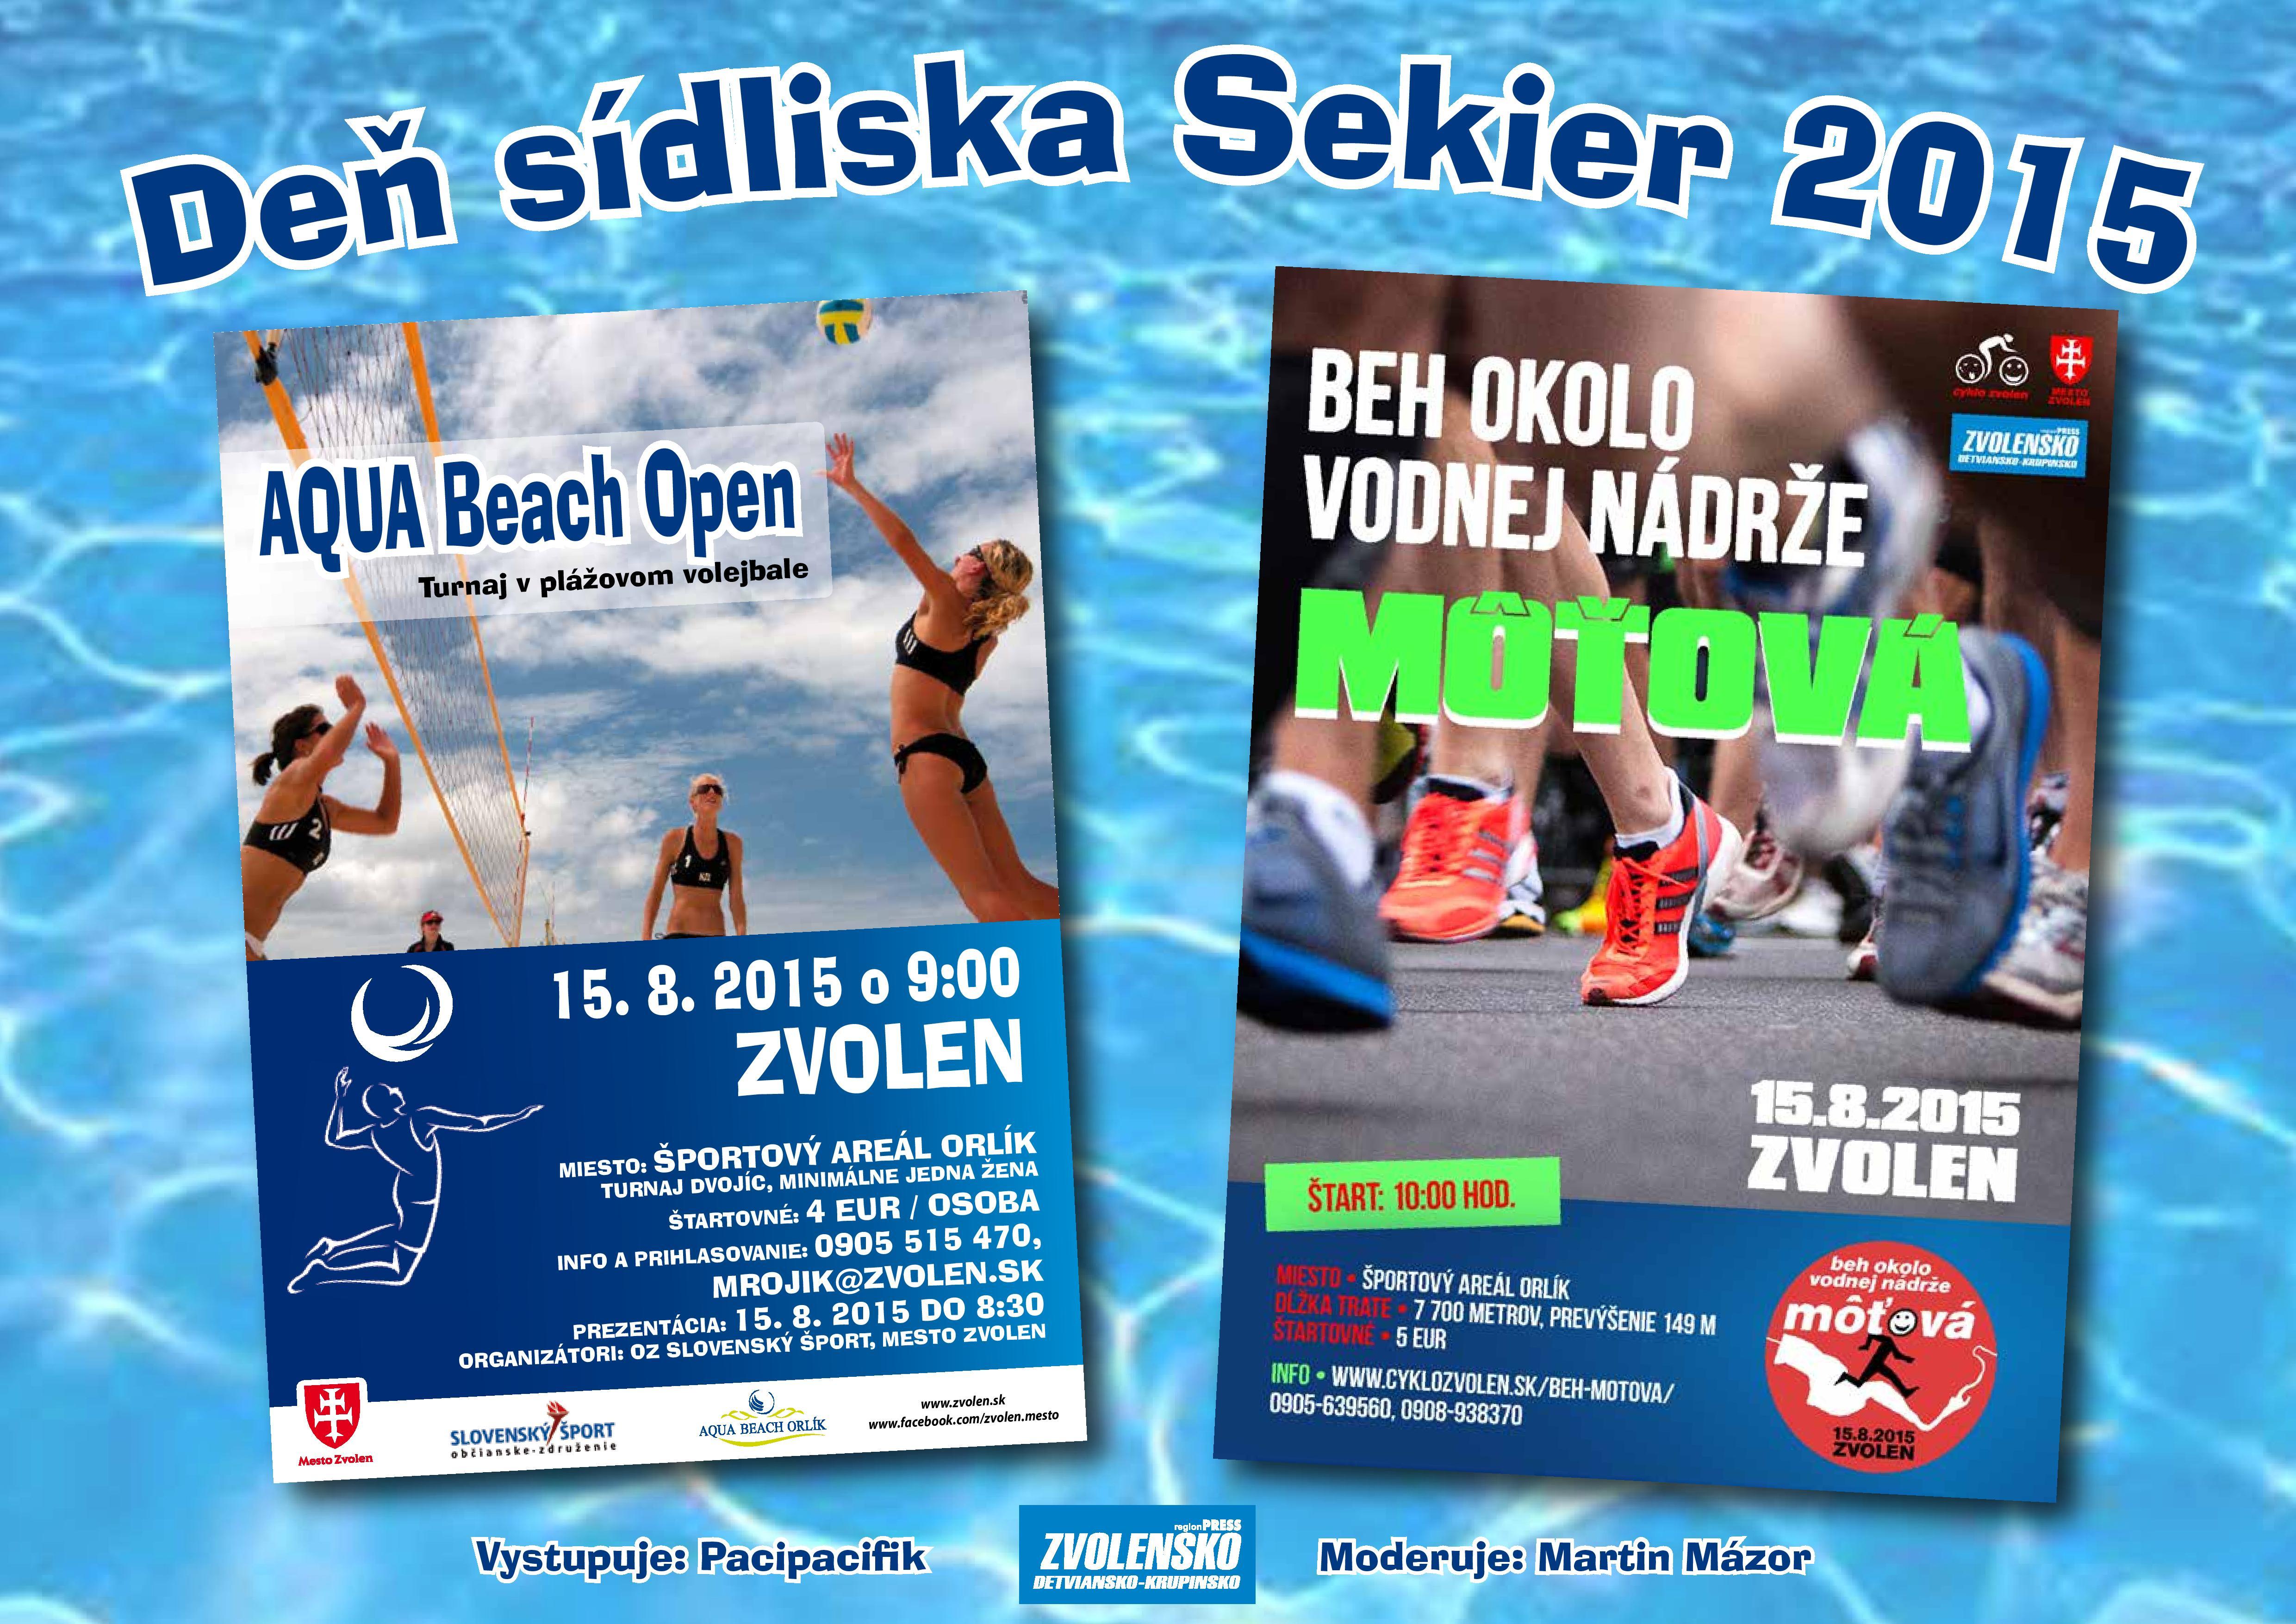 Turnaj  v plážovom volejbale a Beh okolo Vodnej nádrže Môťová